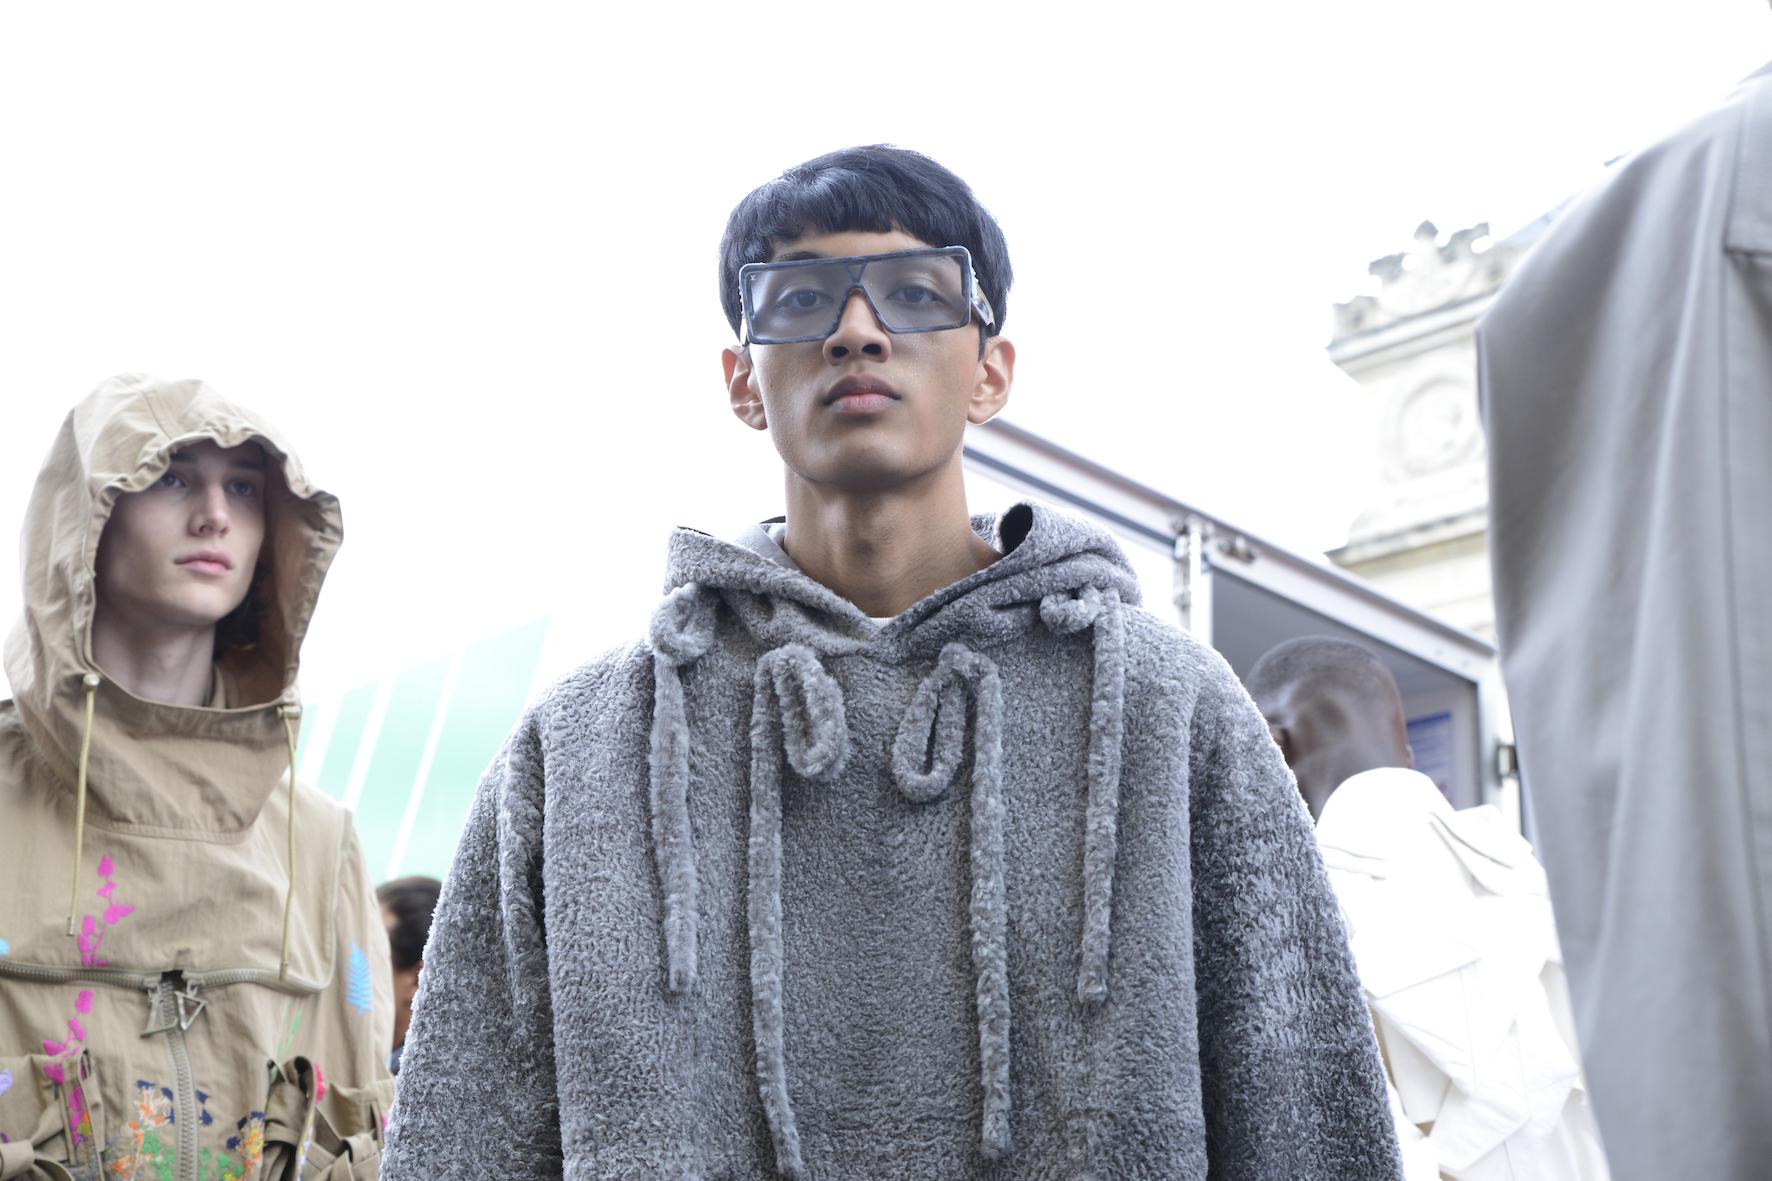 Louis_Vuitton_SS20_Behind_The_Blinds_Magazine_d804659-jpg.jpg